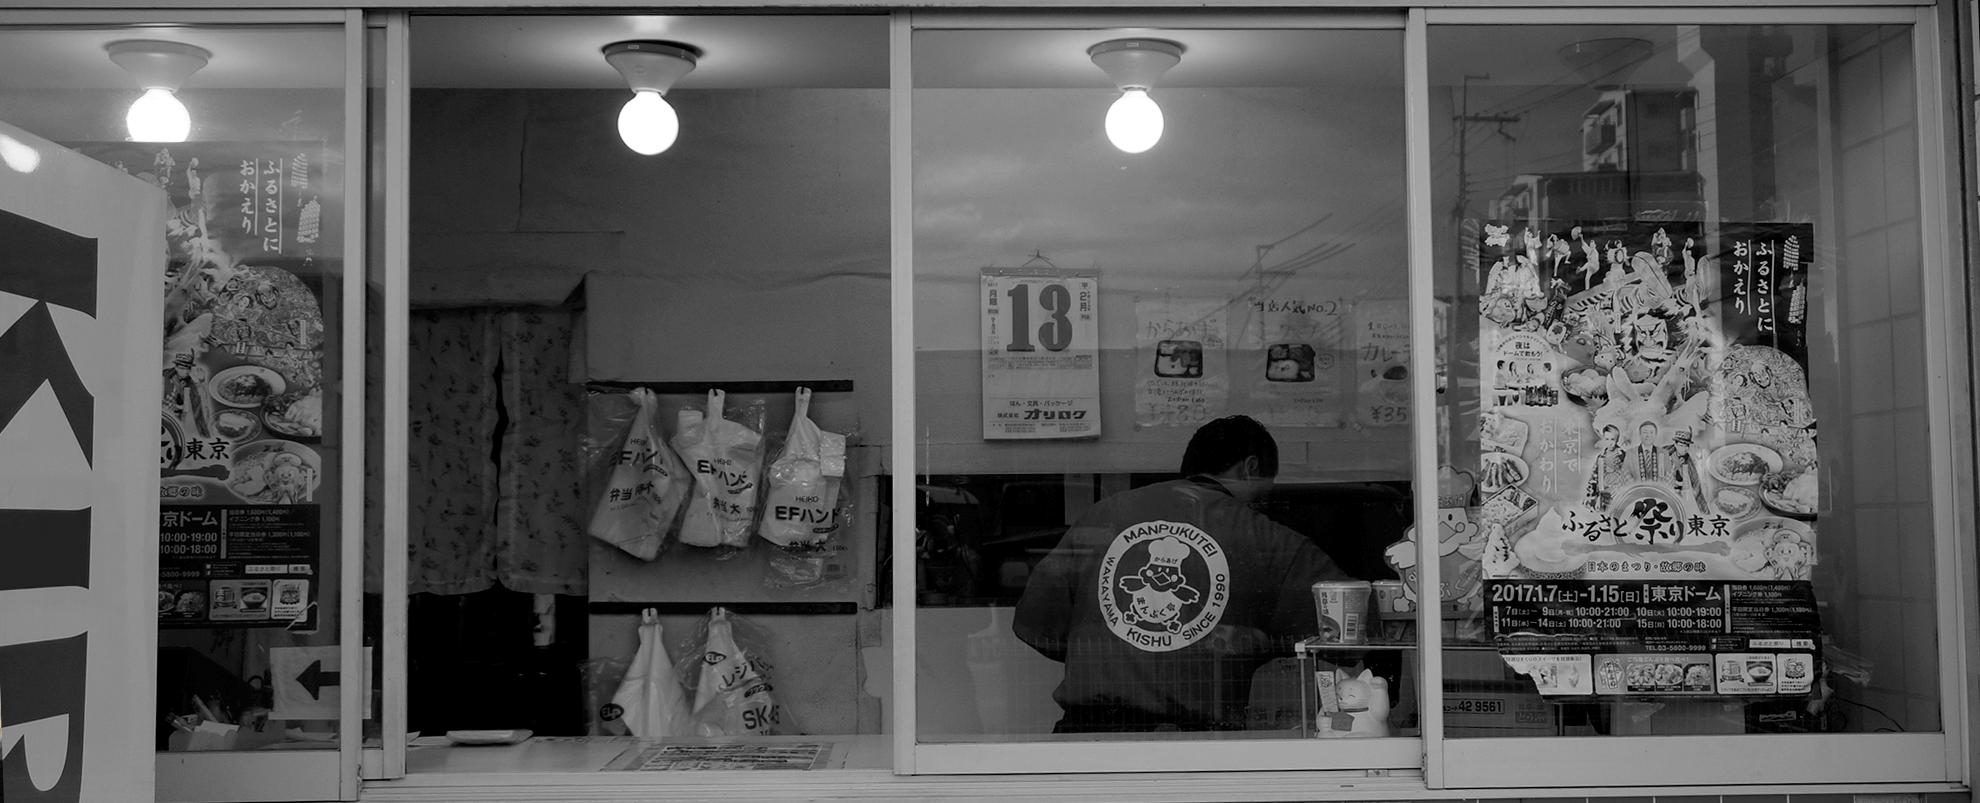 和歌山県ほっかほっか弁当 まんぷく亭 岩出店の店舗の受付窓口